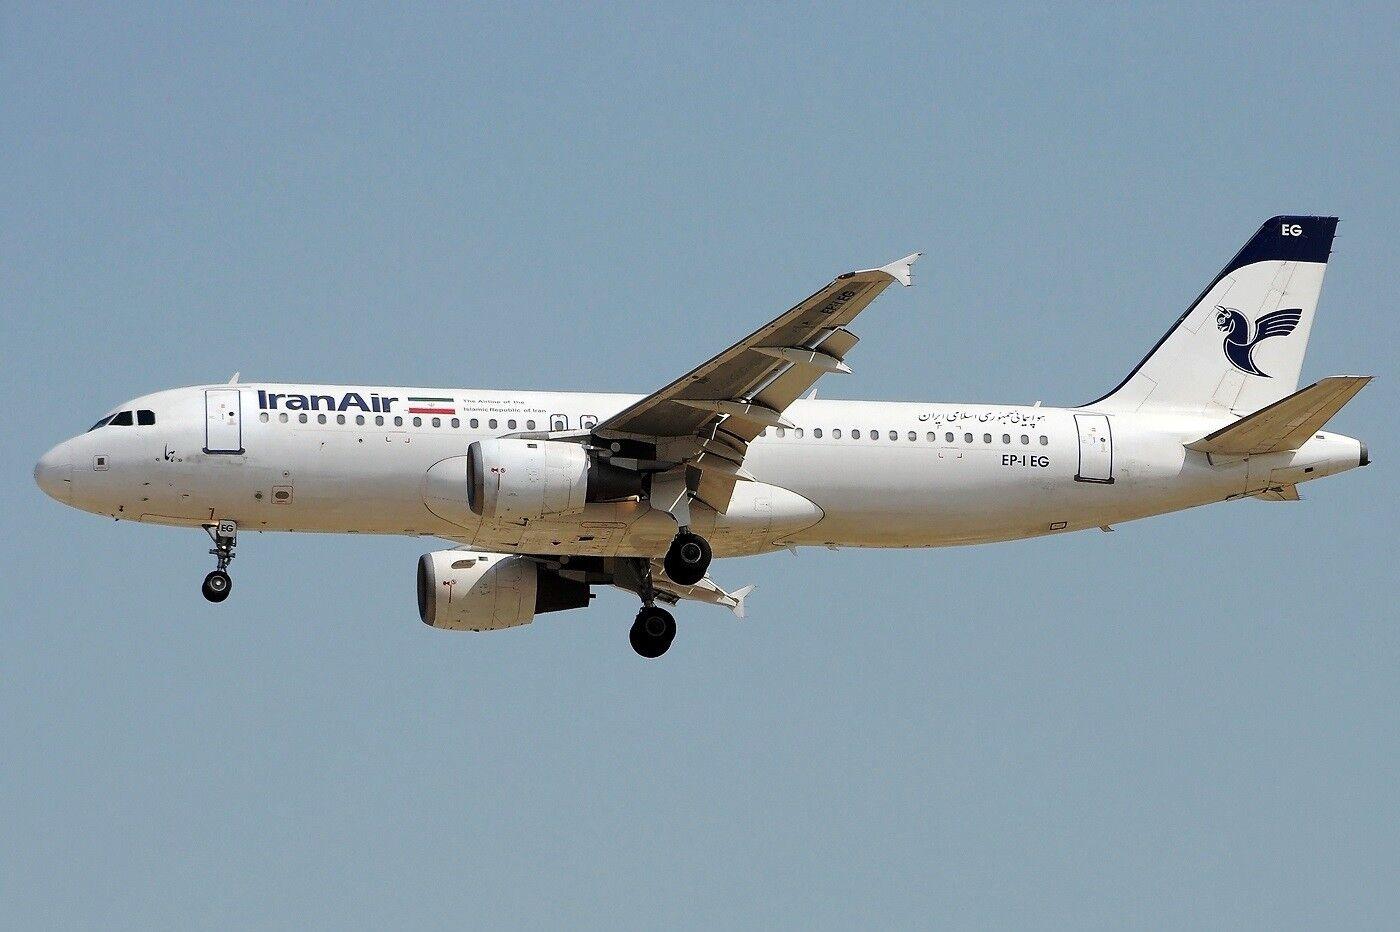 Jfox Jfa320007 1 200 Irán Aire Airbus  A320-211 Ep-Ieg  70% de réduction